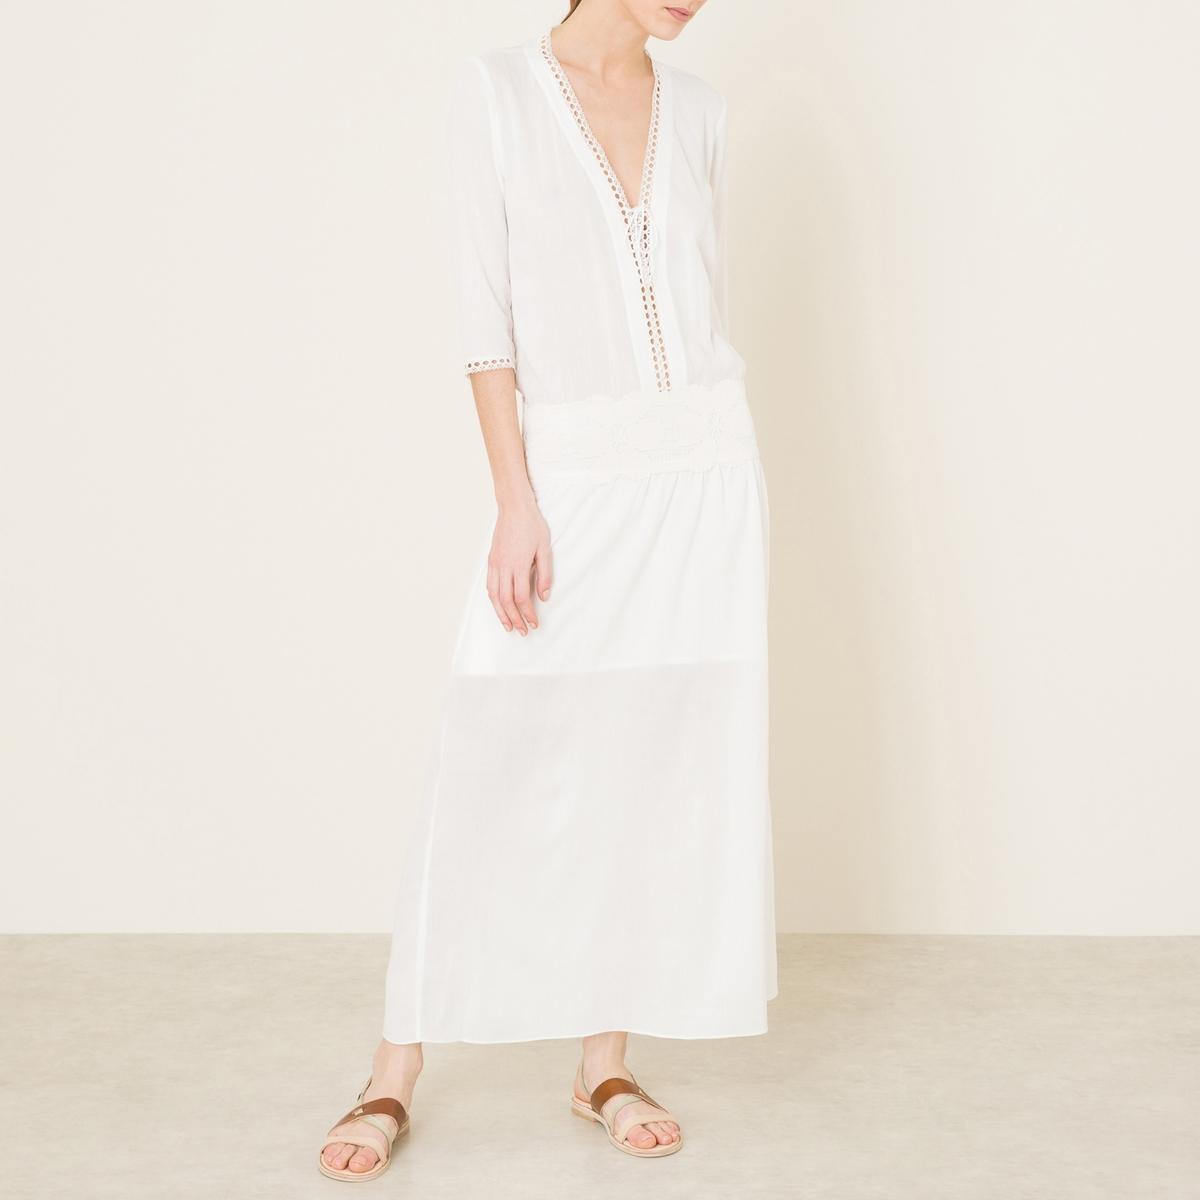 Платье ALAMOСостав и описание Материал : 50% хлопка, 50% вискозыДлина : 145 см. для размера 36Марка : VALERIE KHALFON<br><br>Цвет: белый